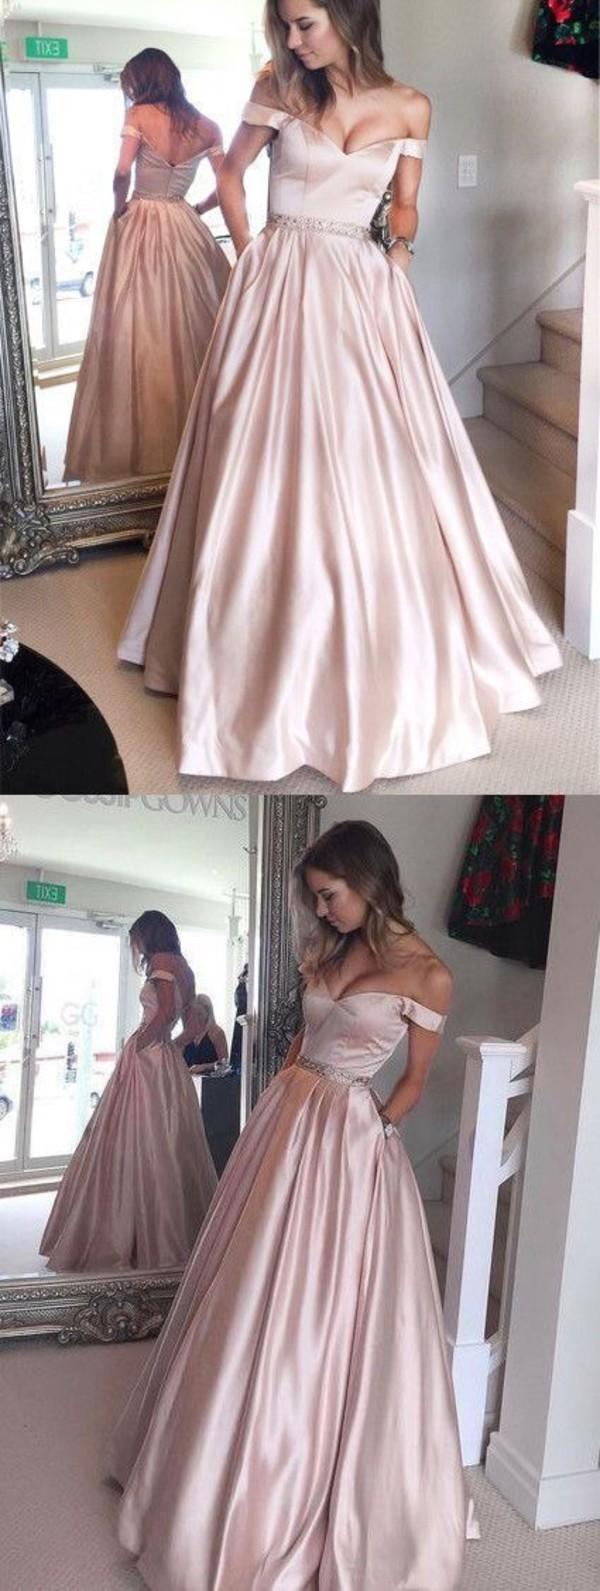 a7d72825f16d7 Elegant Off shoulder Floor Length Satin Prom Dress